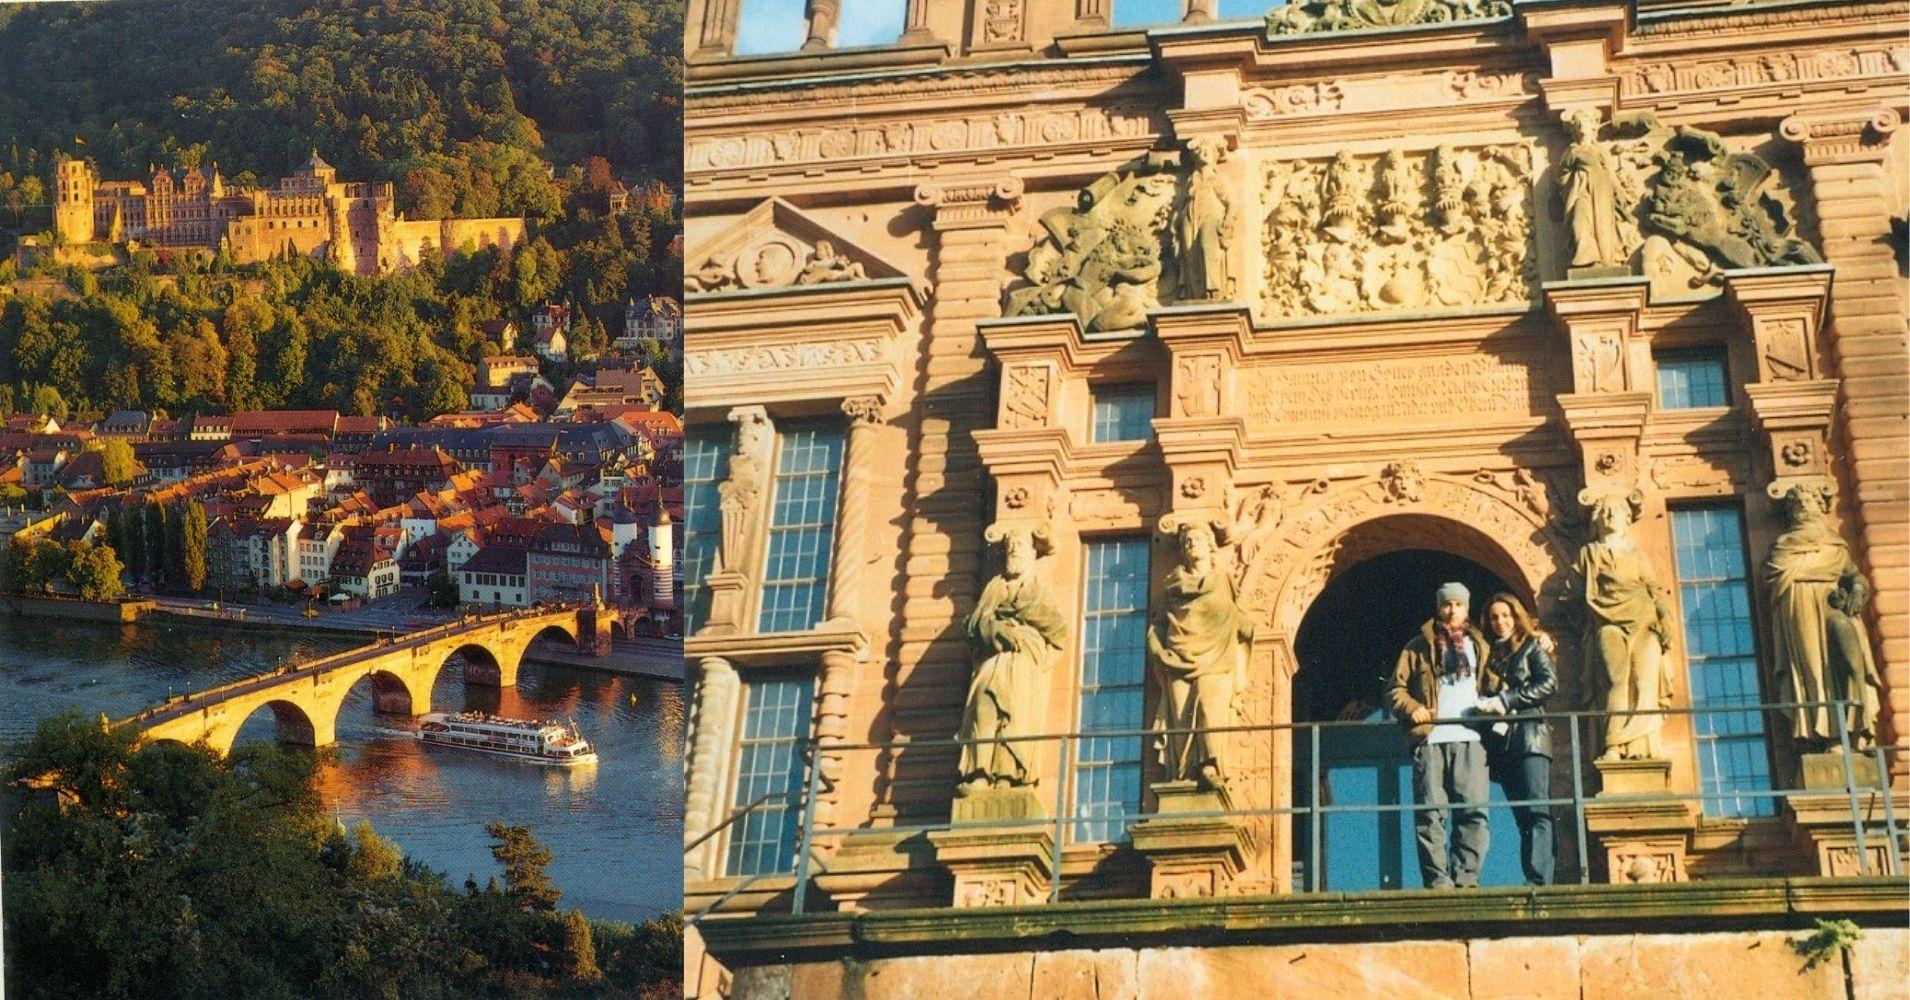 Ciudad y Castillo de Heidelberg. Baden-Wurtemberg. Alemania.